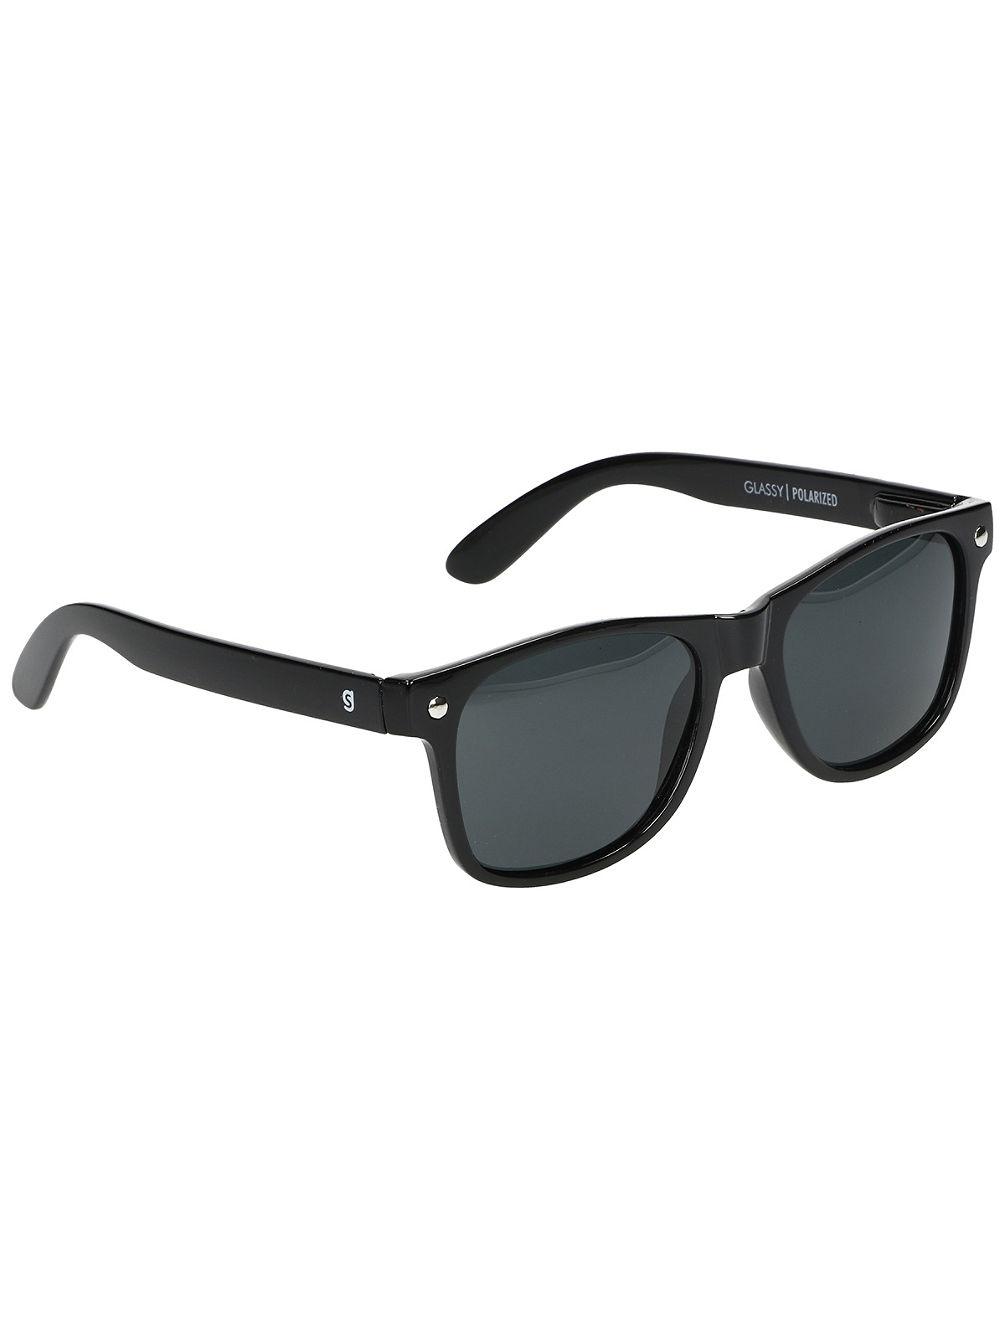 a5f05ccb9a Compra Glassy Leonard Black Gafas de Sol en línea en Blue Tomato